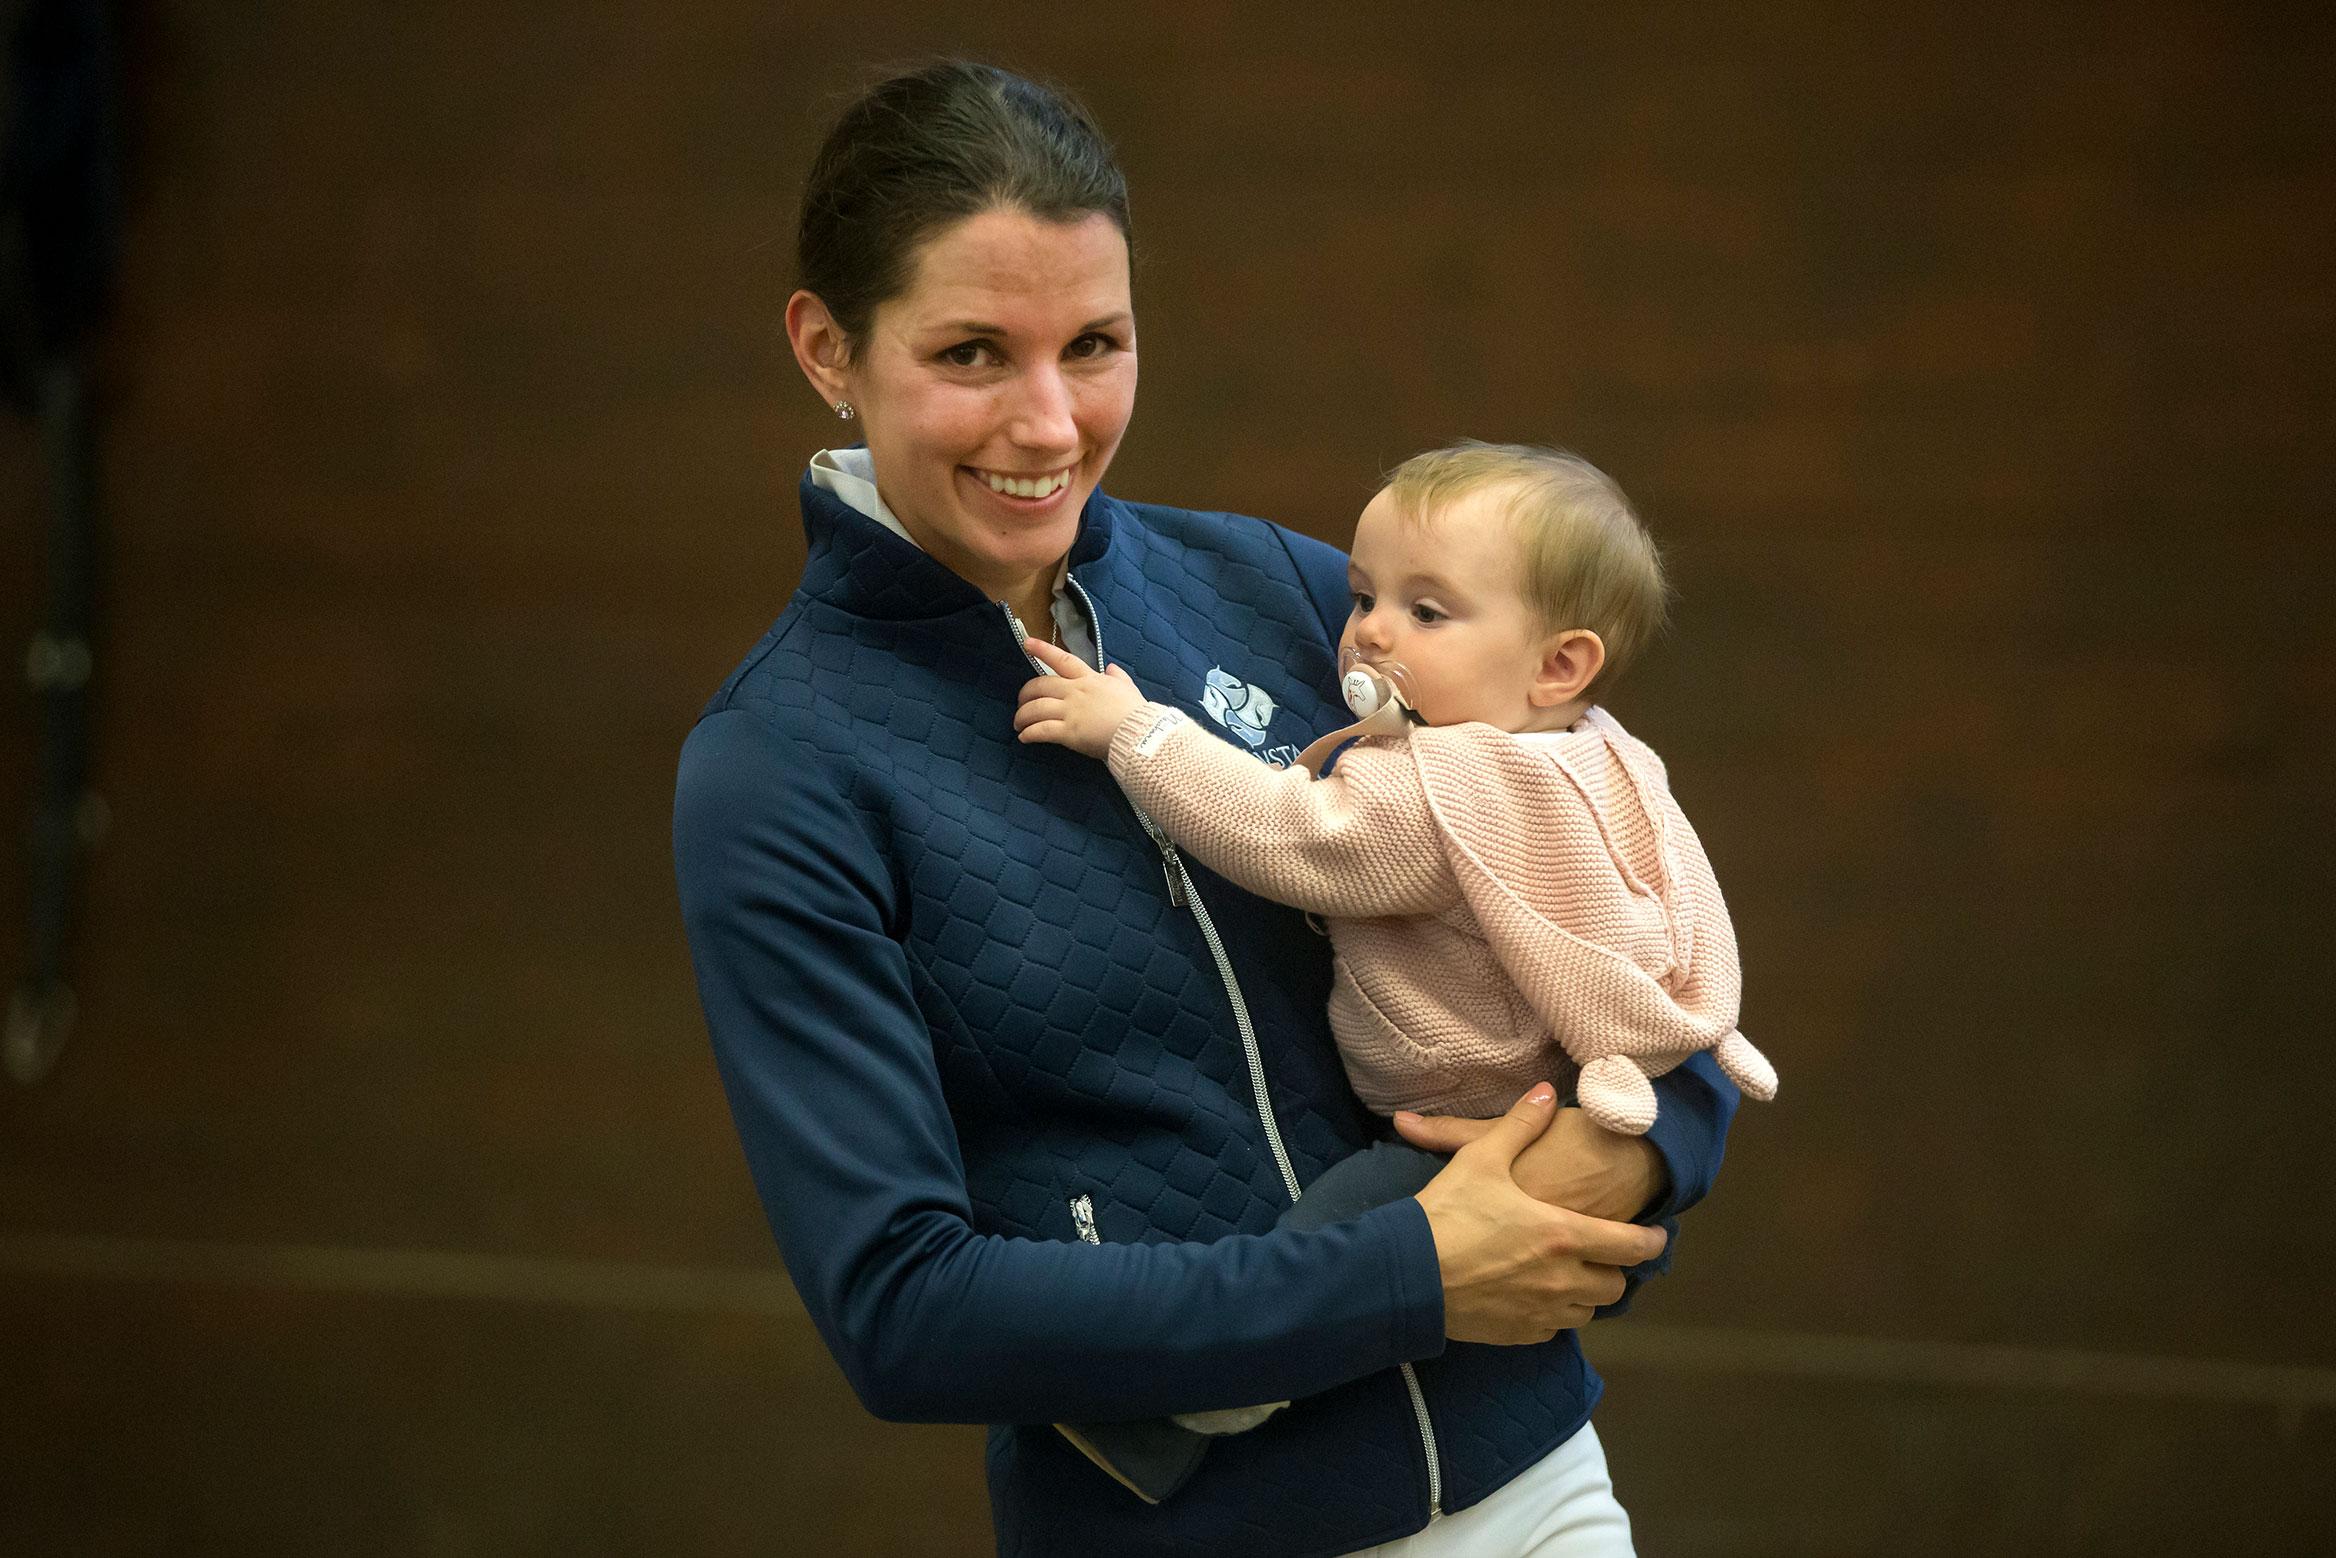 180508 Strömsholm Caroline Darcourt med barn. Photo: Roland Thunholm Code: 718 35